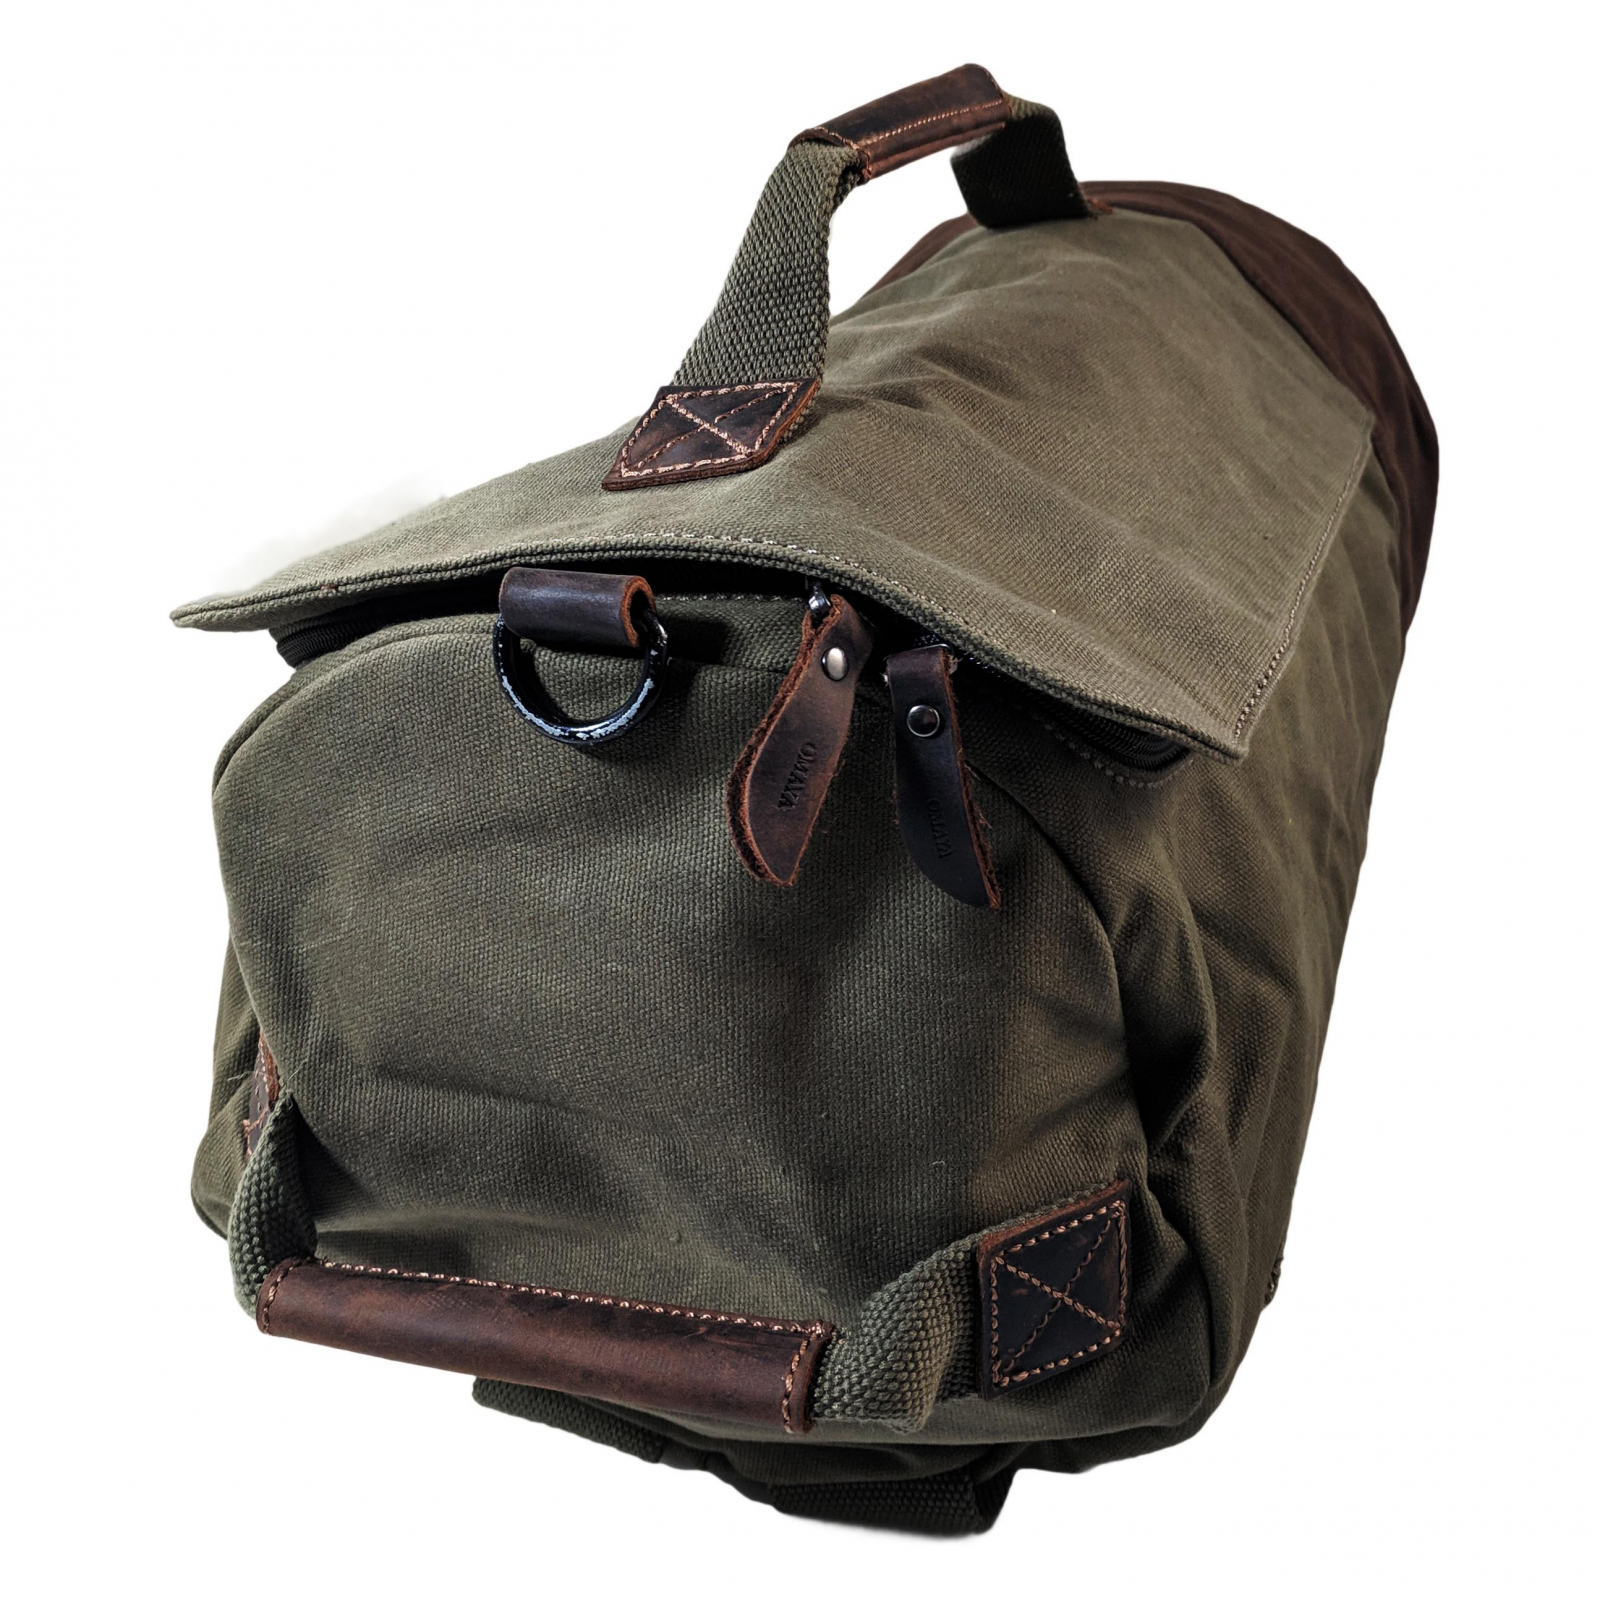 ASR Outdoor Travel Backpack Shoulder Bag Duffel Carry Olive